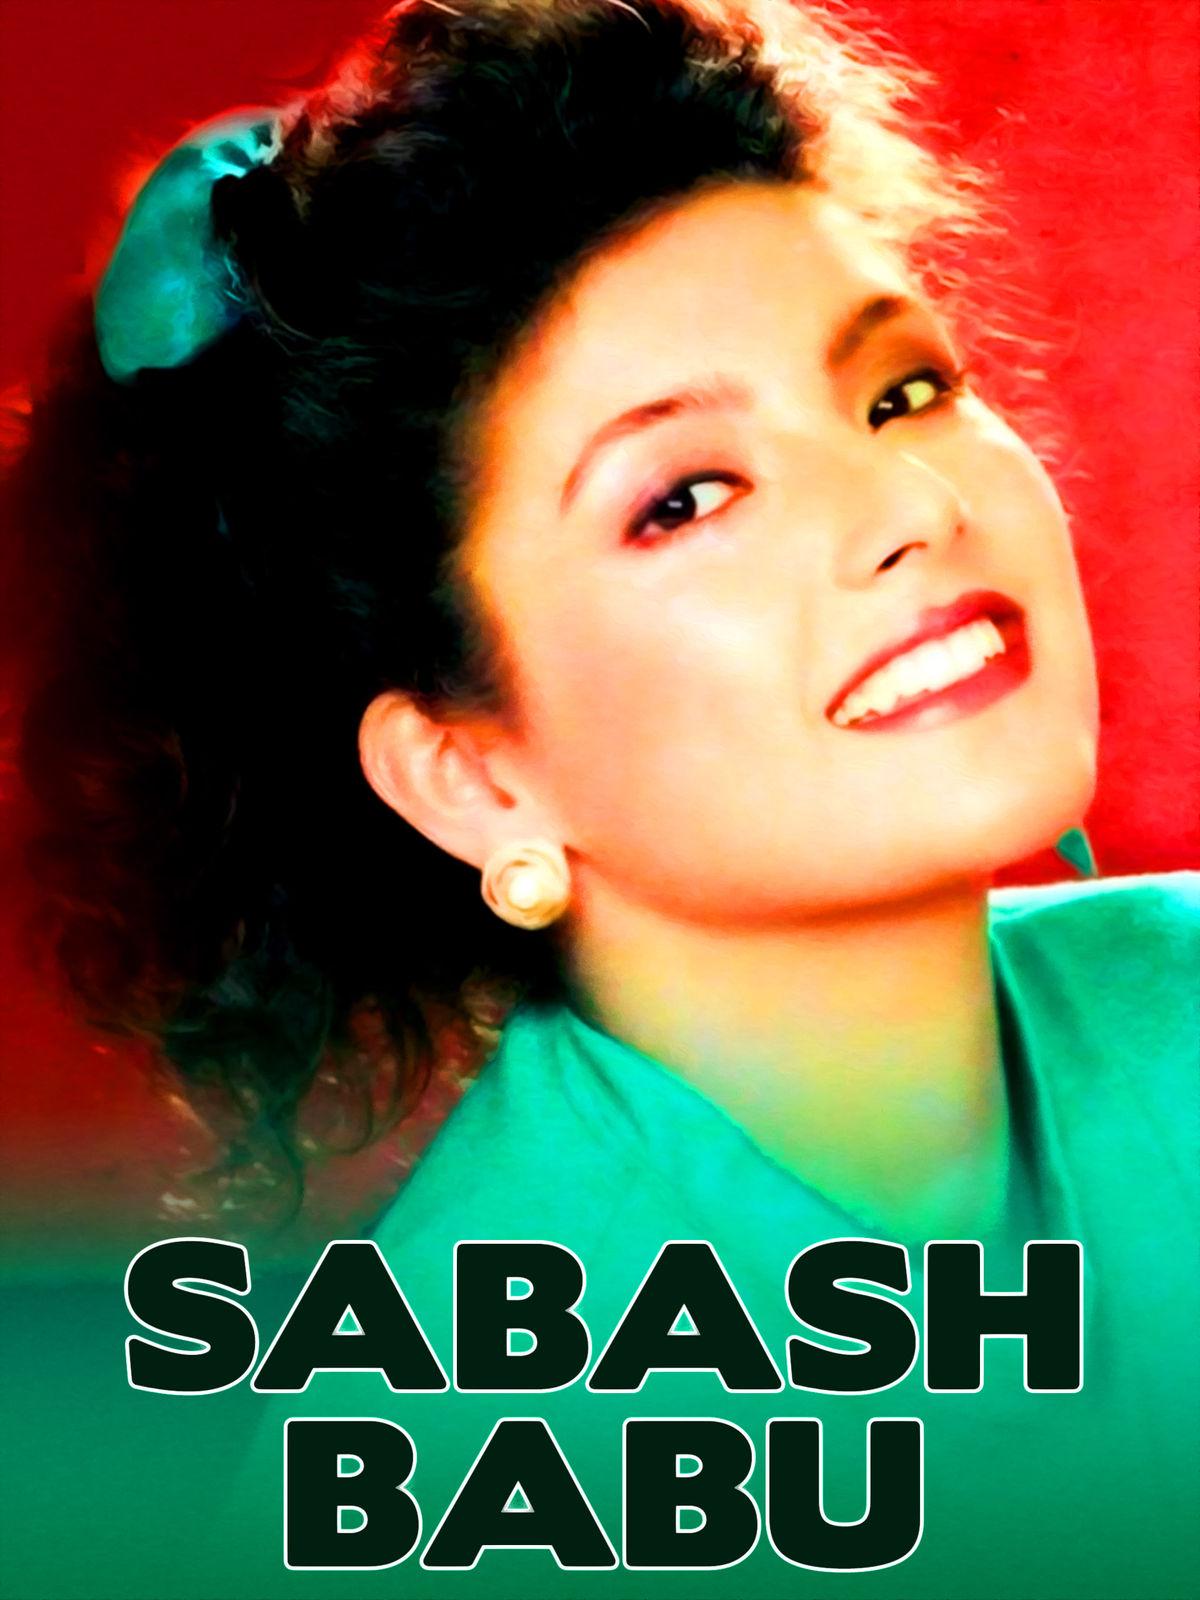 Sabash Babu